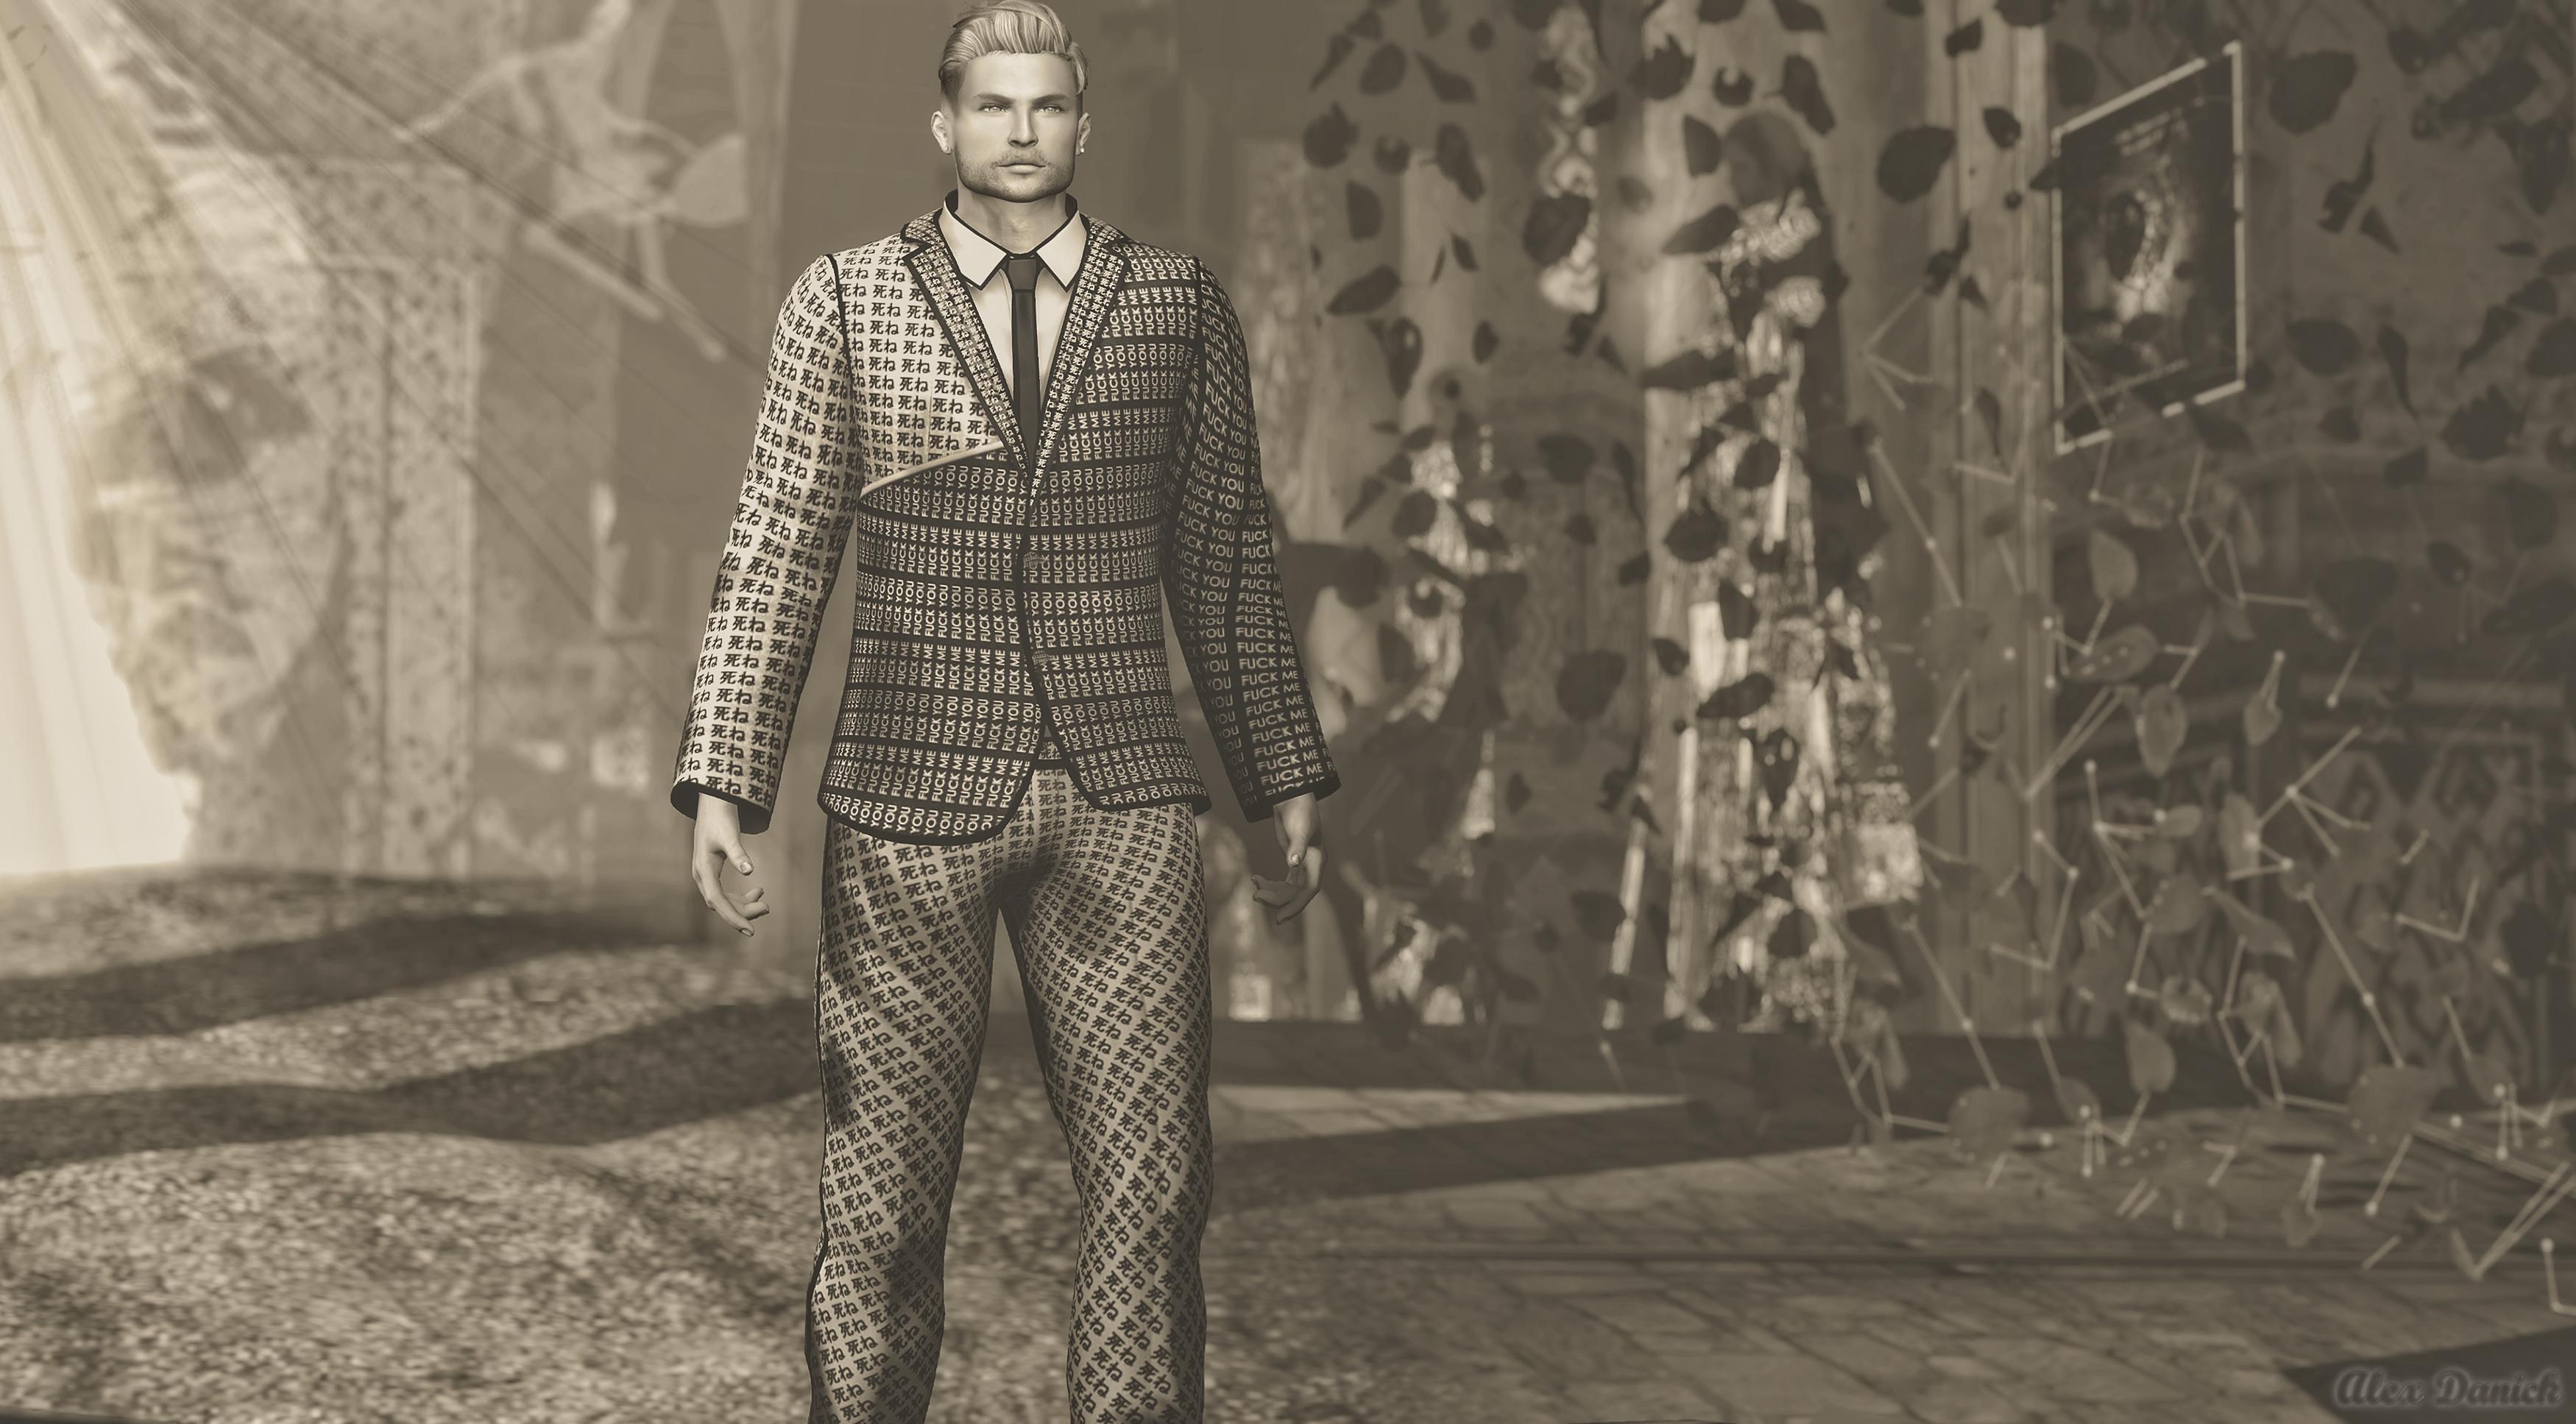 yakuza clothing style - photo #29